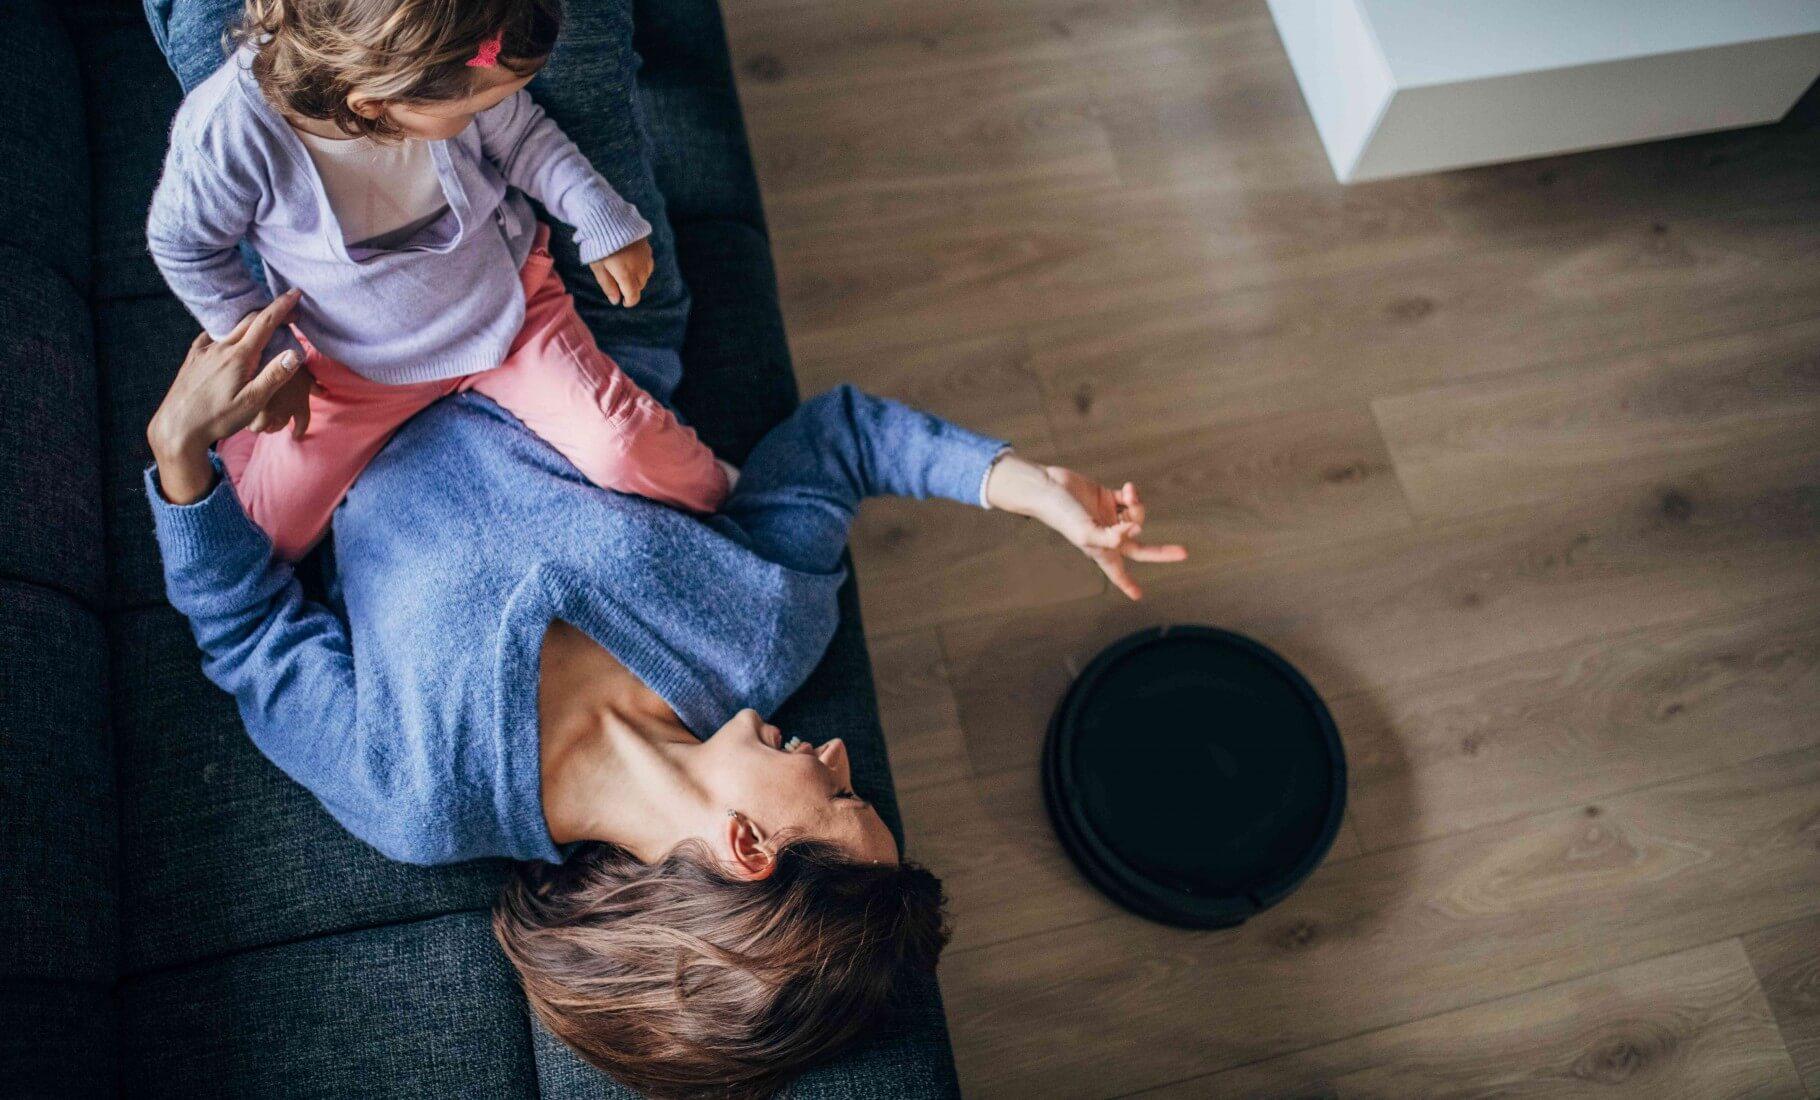 Frau und Kind schauen auf ein Smart Home Gadget